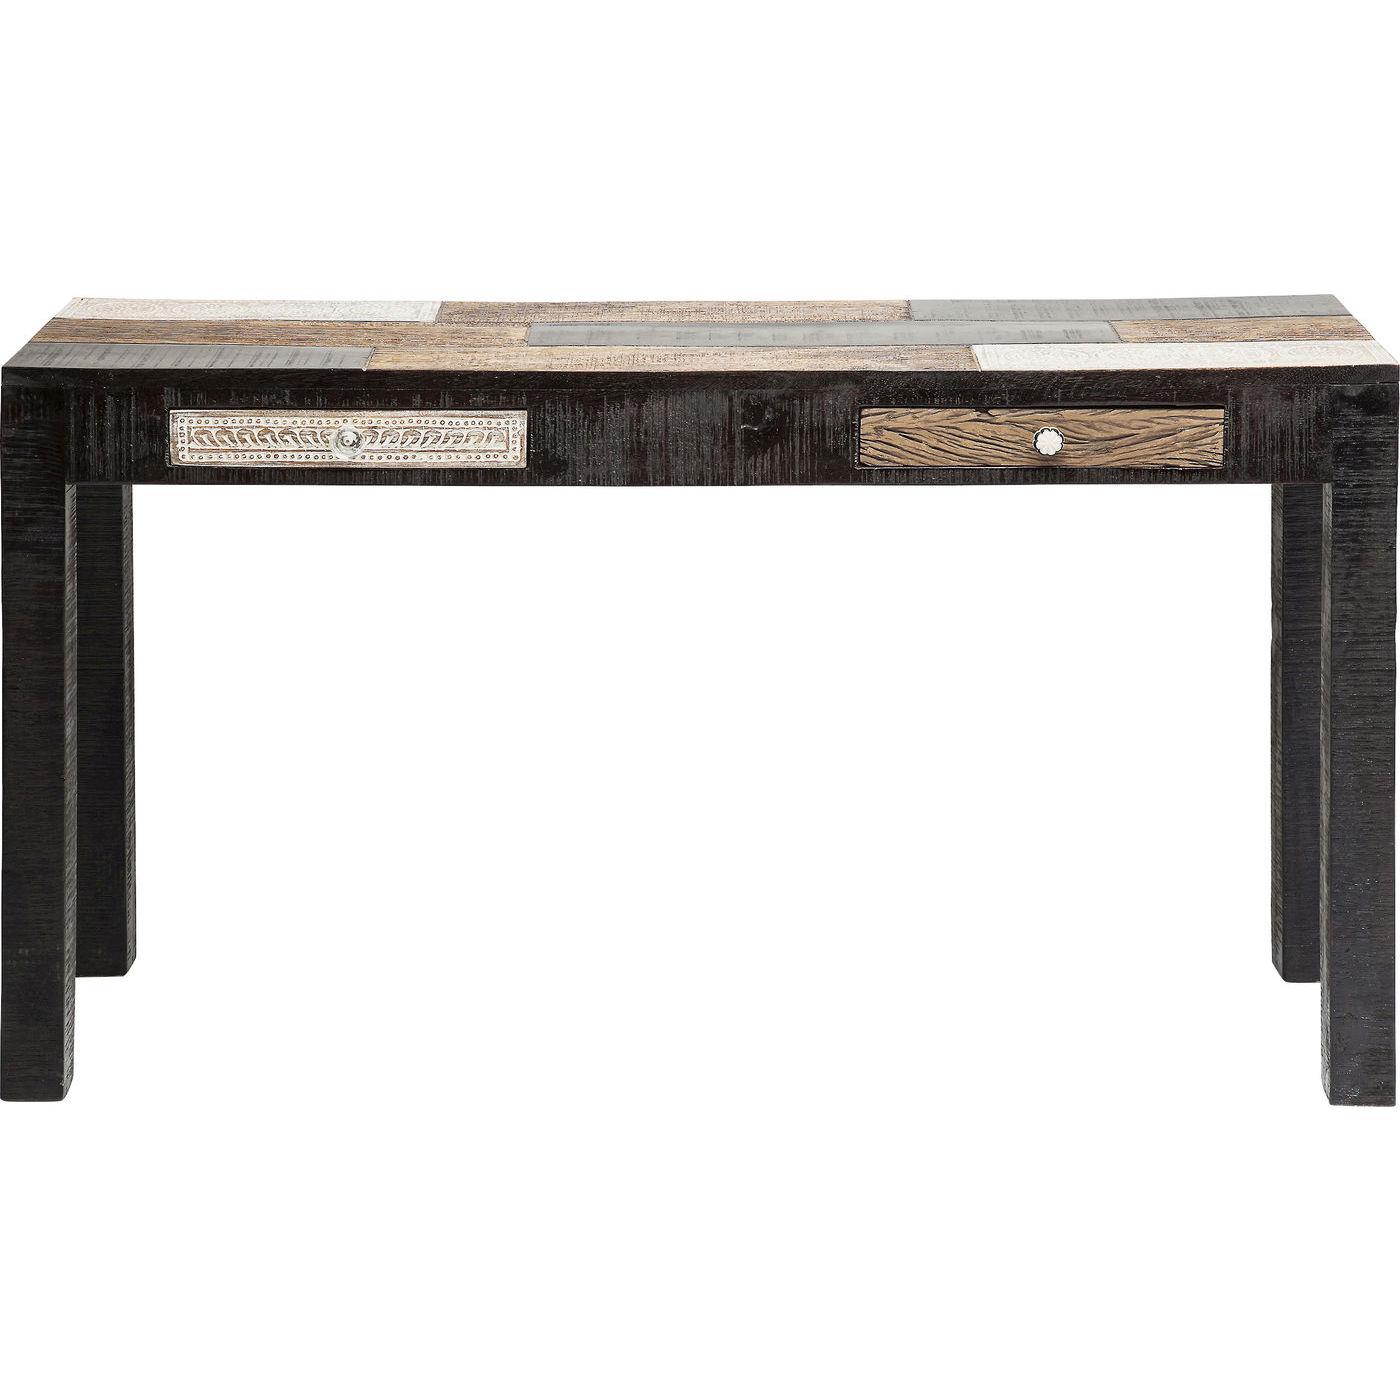 KARE DESIGN Finca konsolbord – brunt/sort/hvidt træ, m. 2 skuffer (135×40)